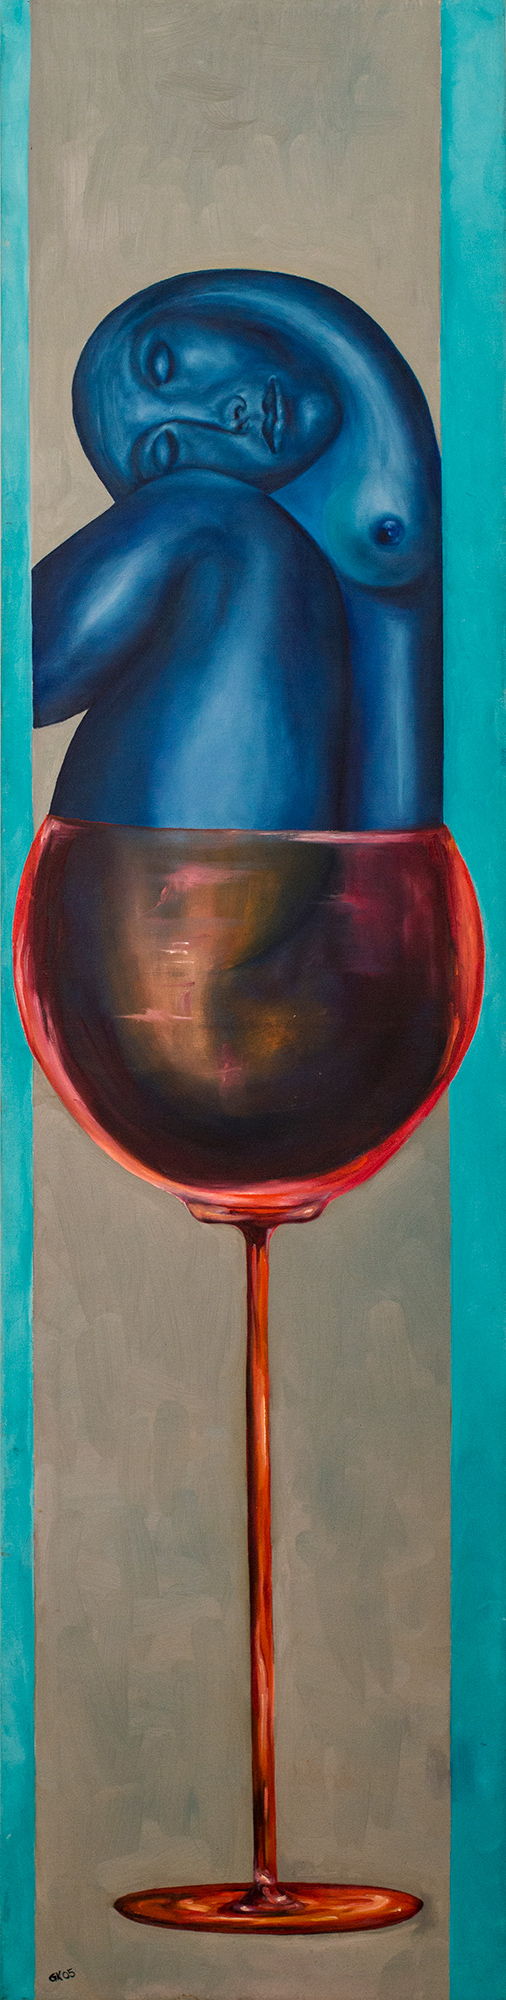 Frau im Glas 2